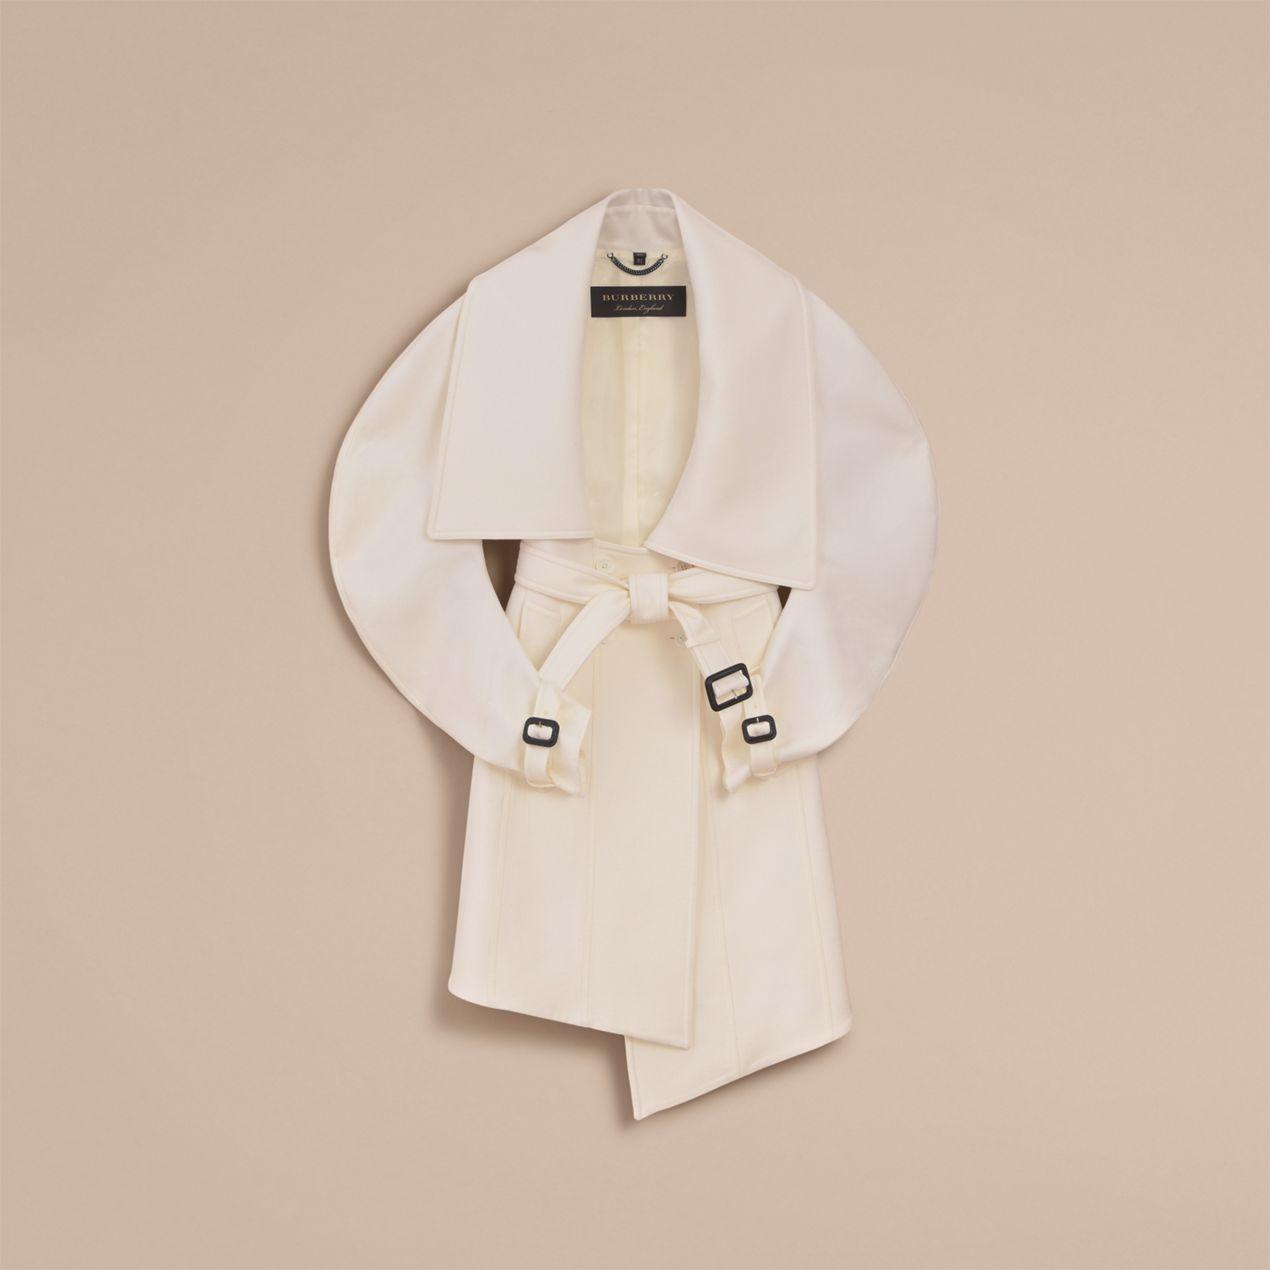 burberry-whitecoat